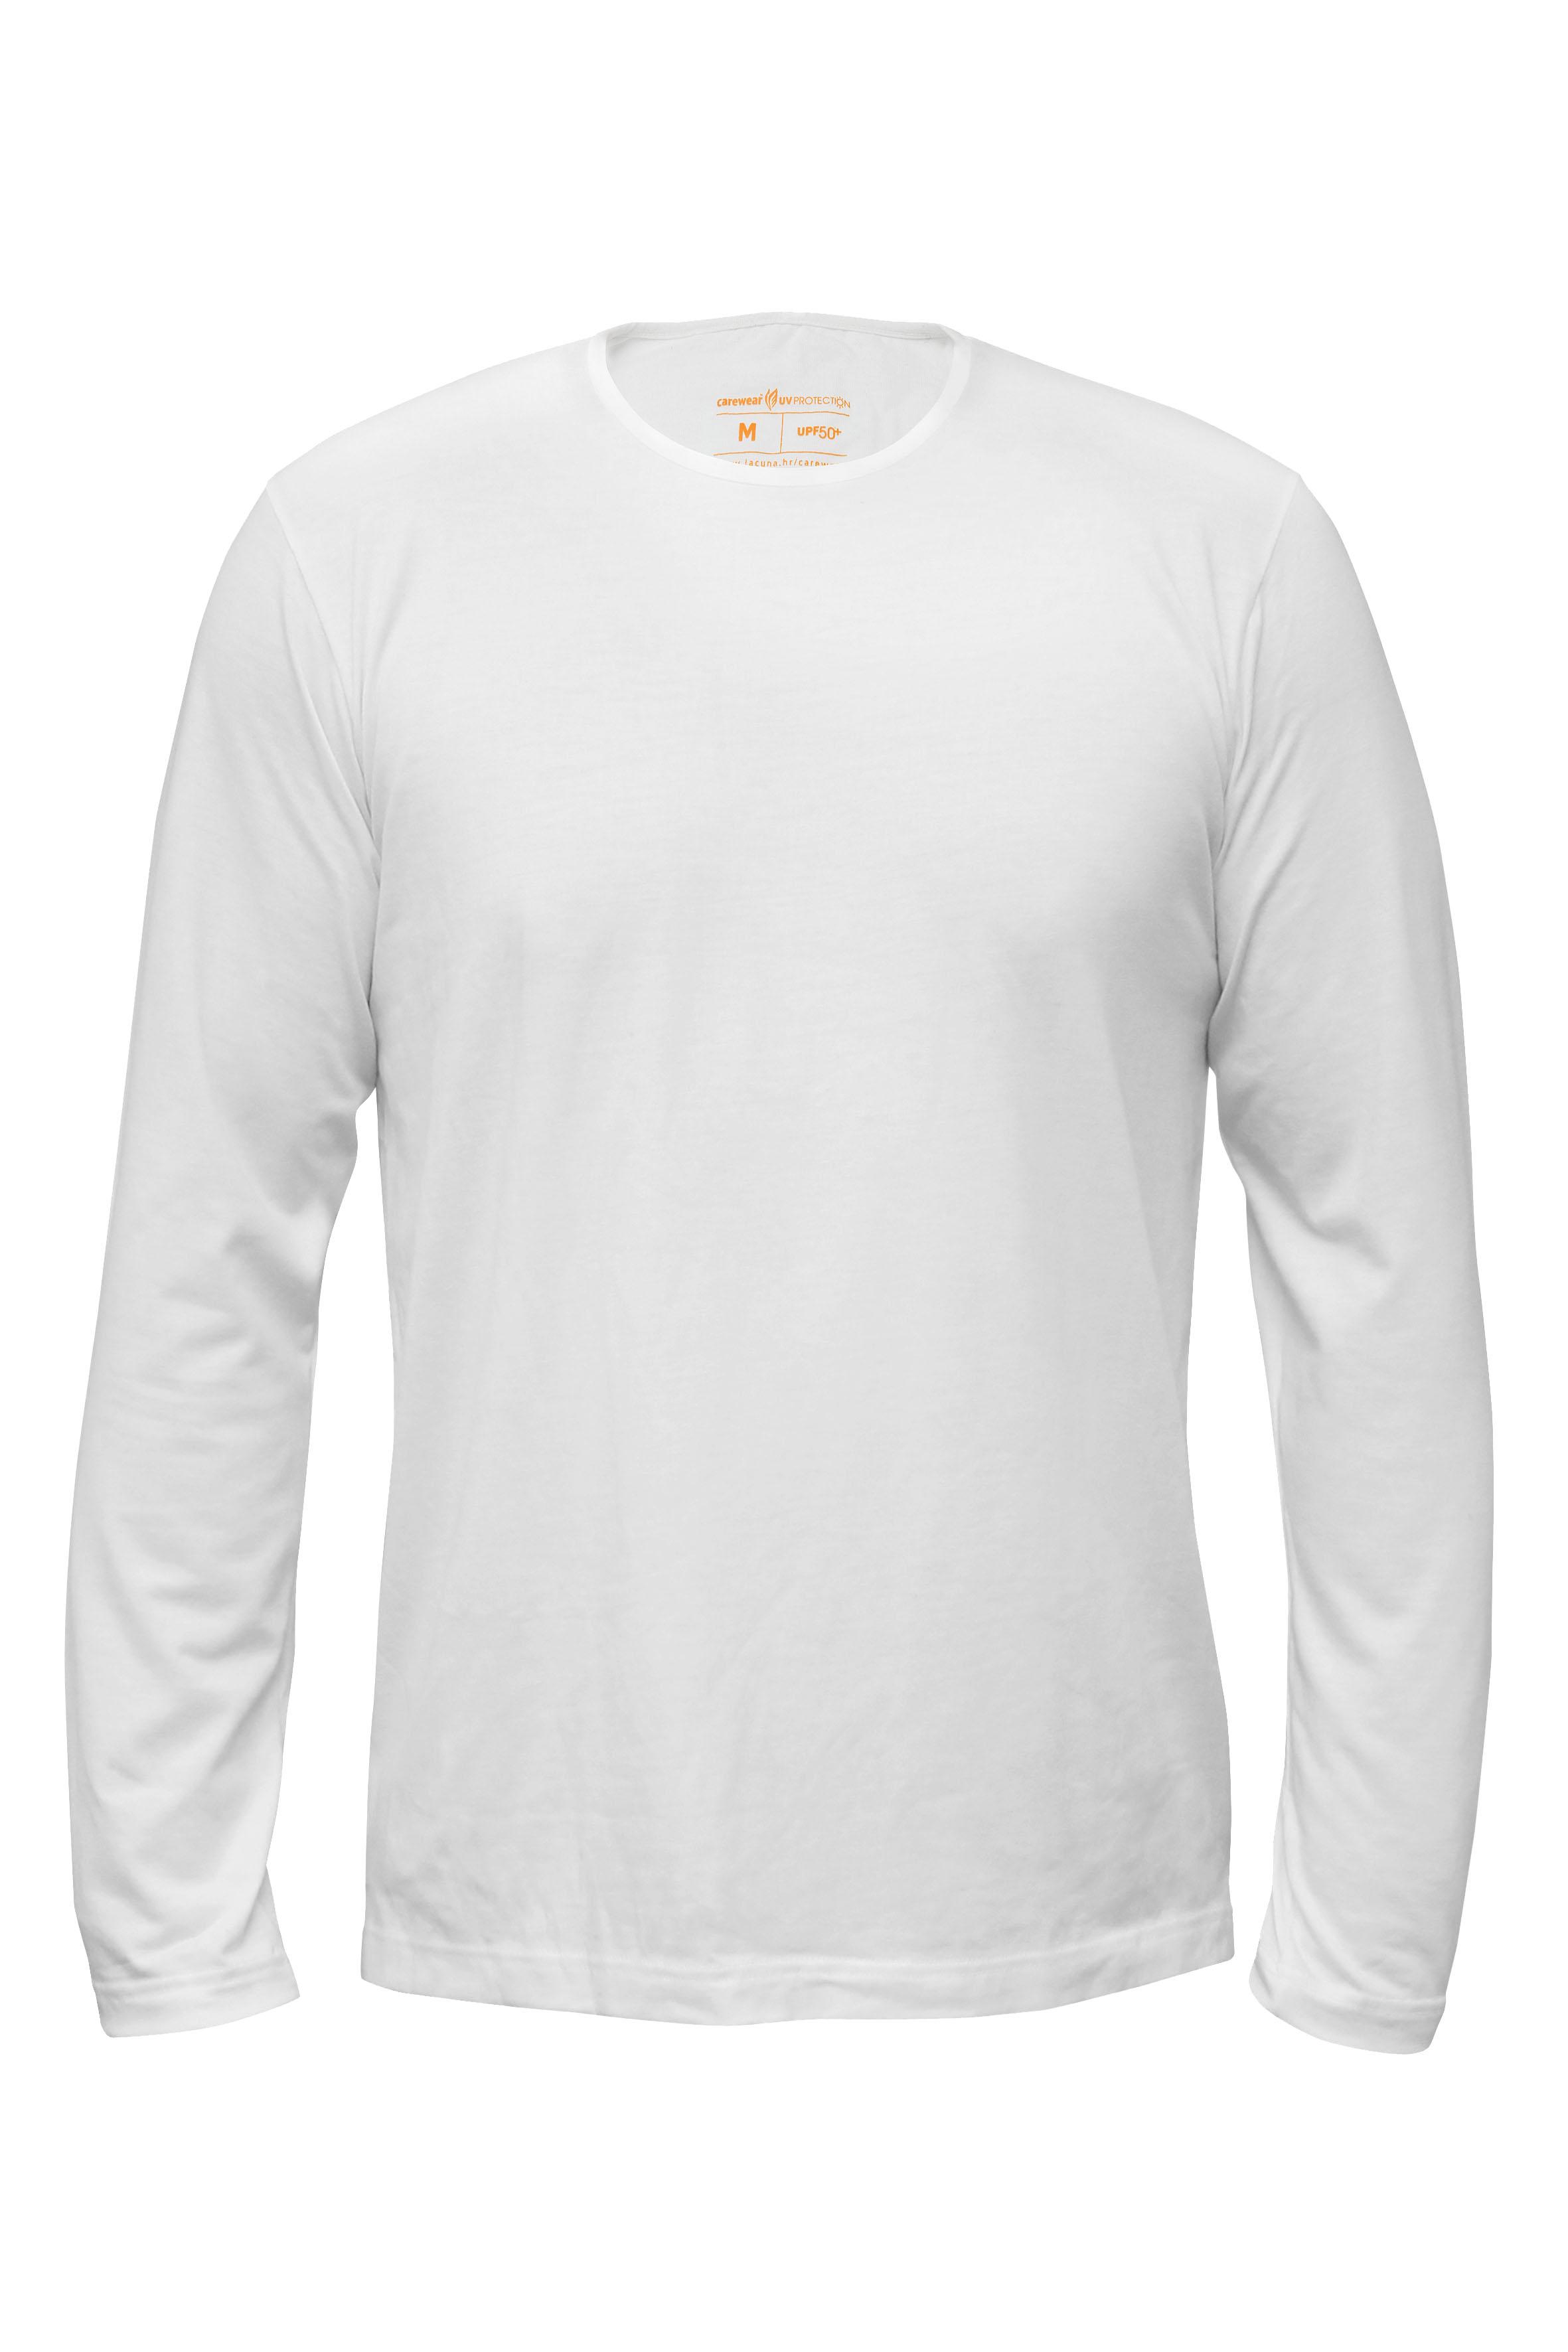 Majica bijela odrasli T-shirt